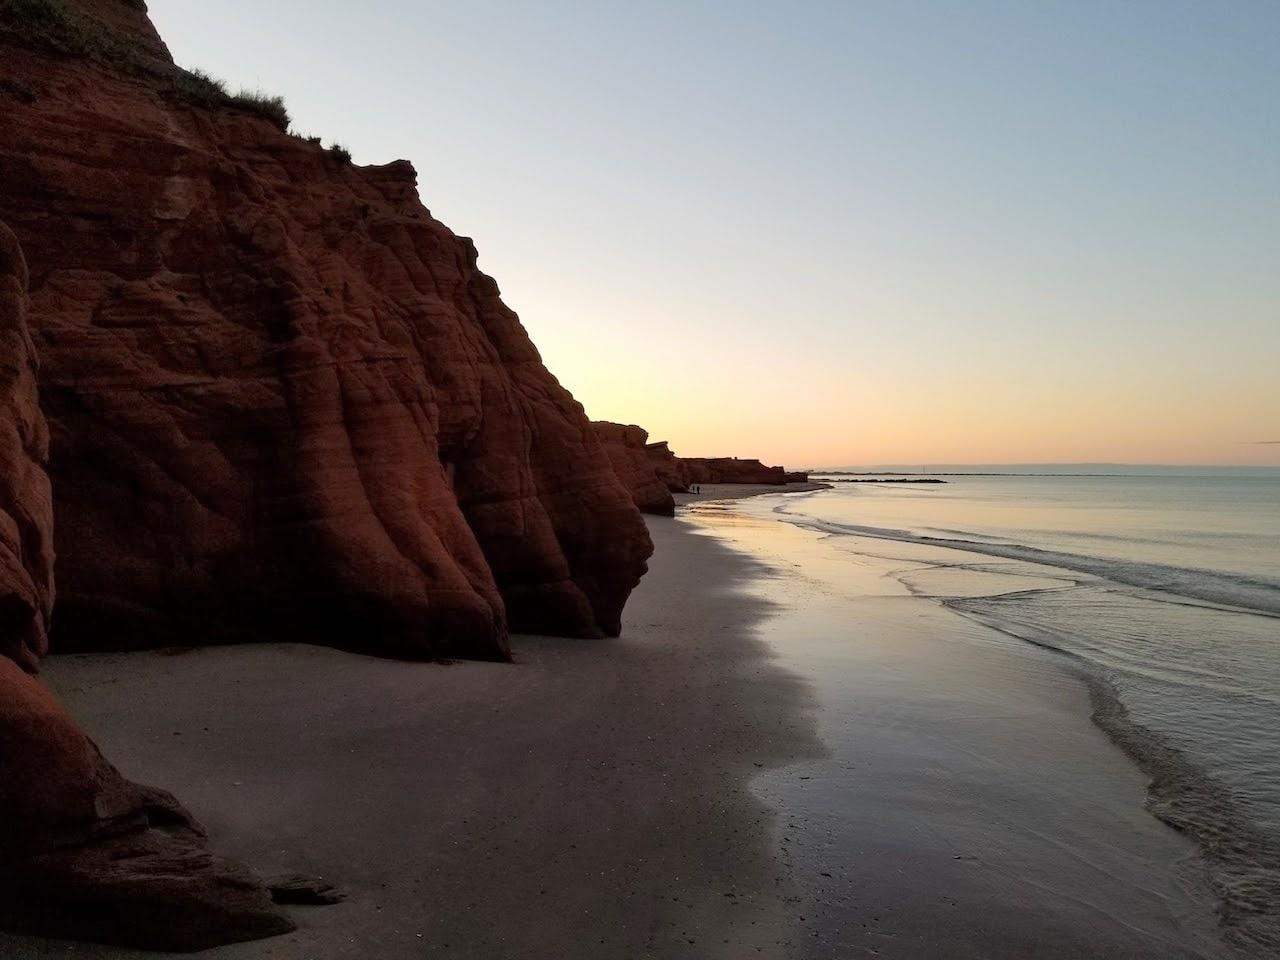 Les Iles de la Madeleine plage de la dune du sud 2-min